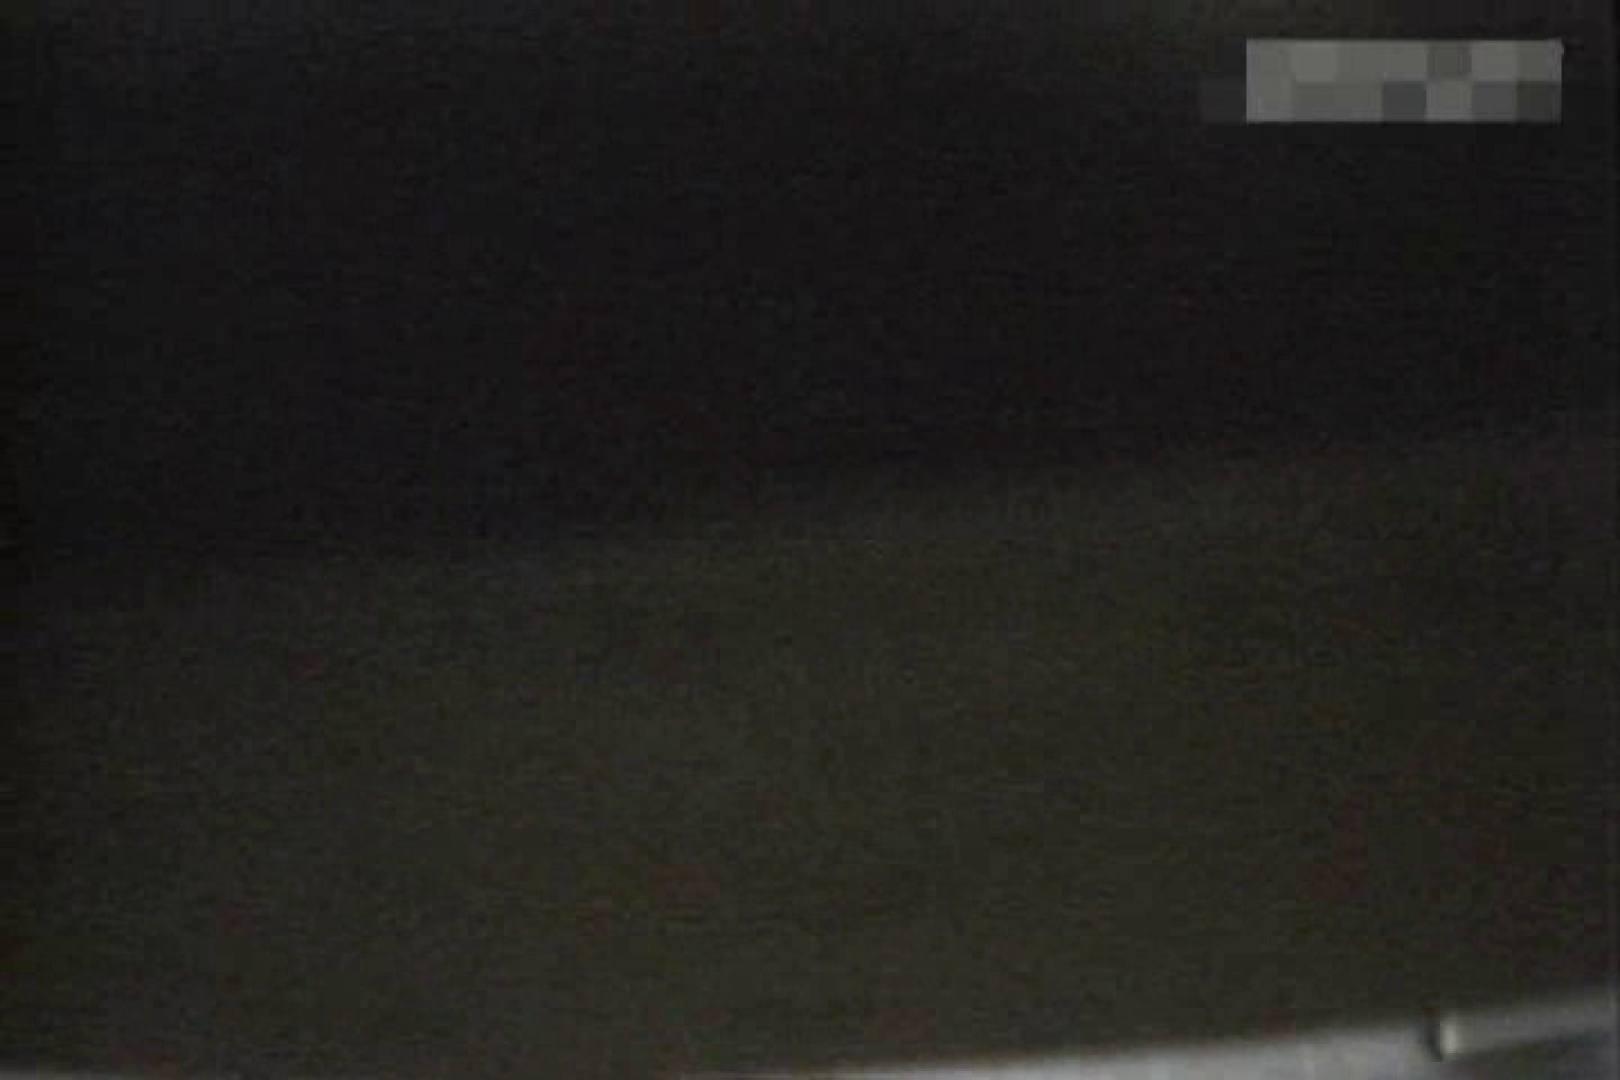 個室狂いのマニア映像Vol.2 OLセックス | 水着  98画像 33